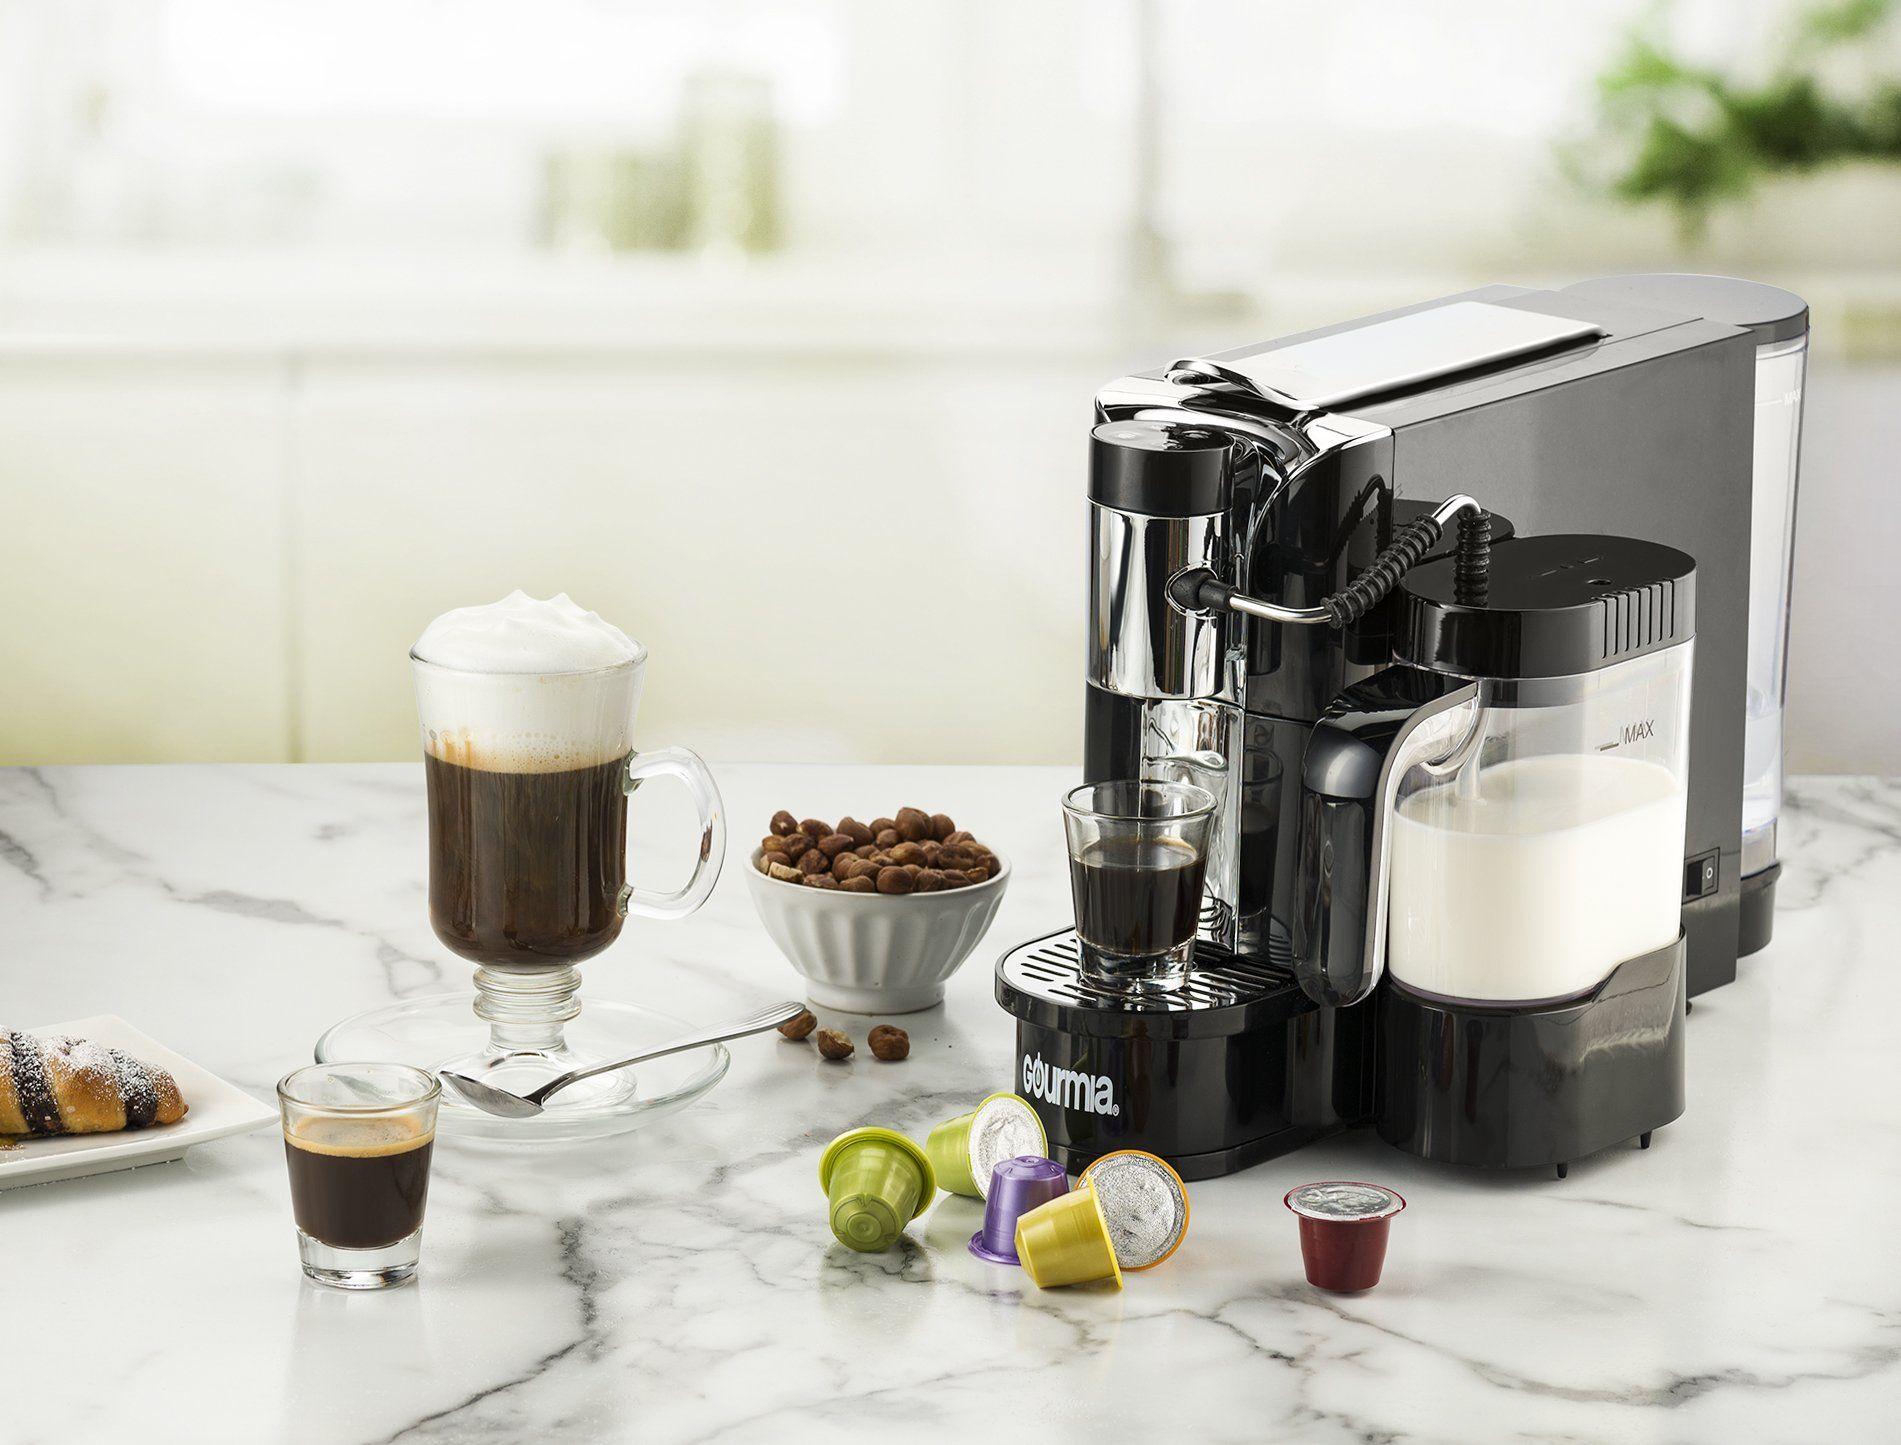 Gourmia GCM5500 1 Touch Automatic Espresso Cappuccino